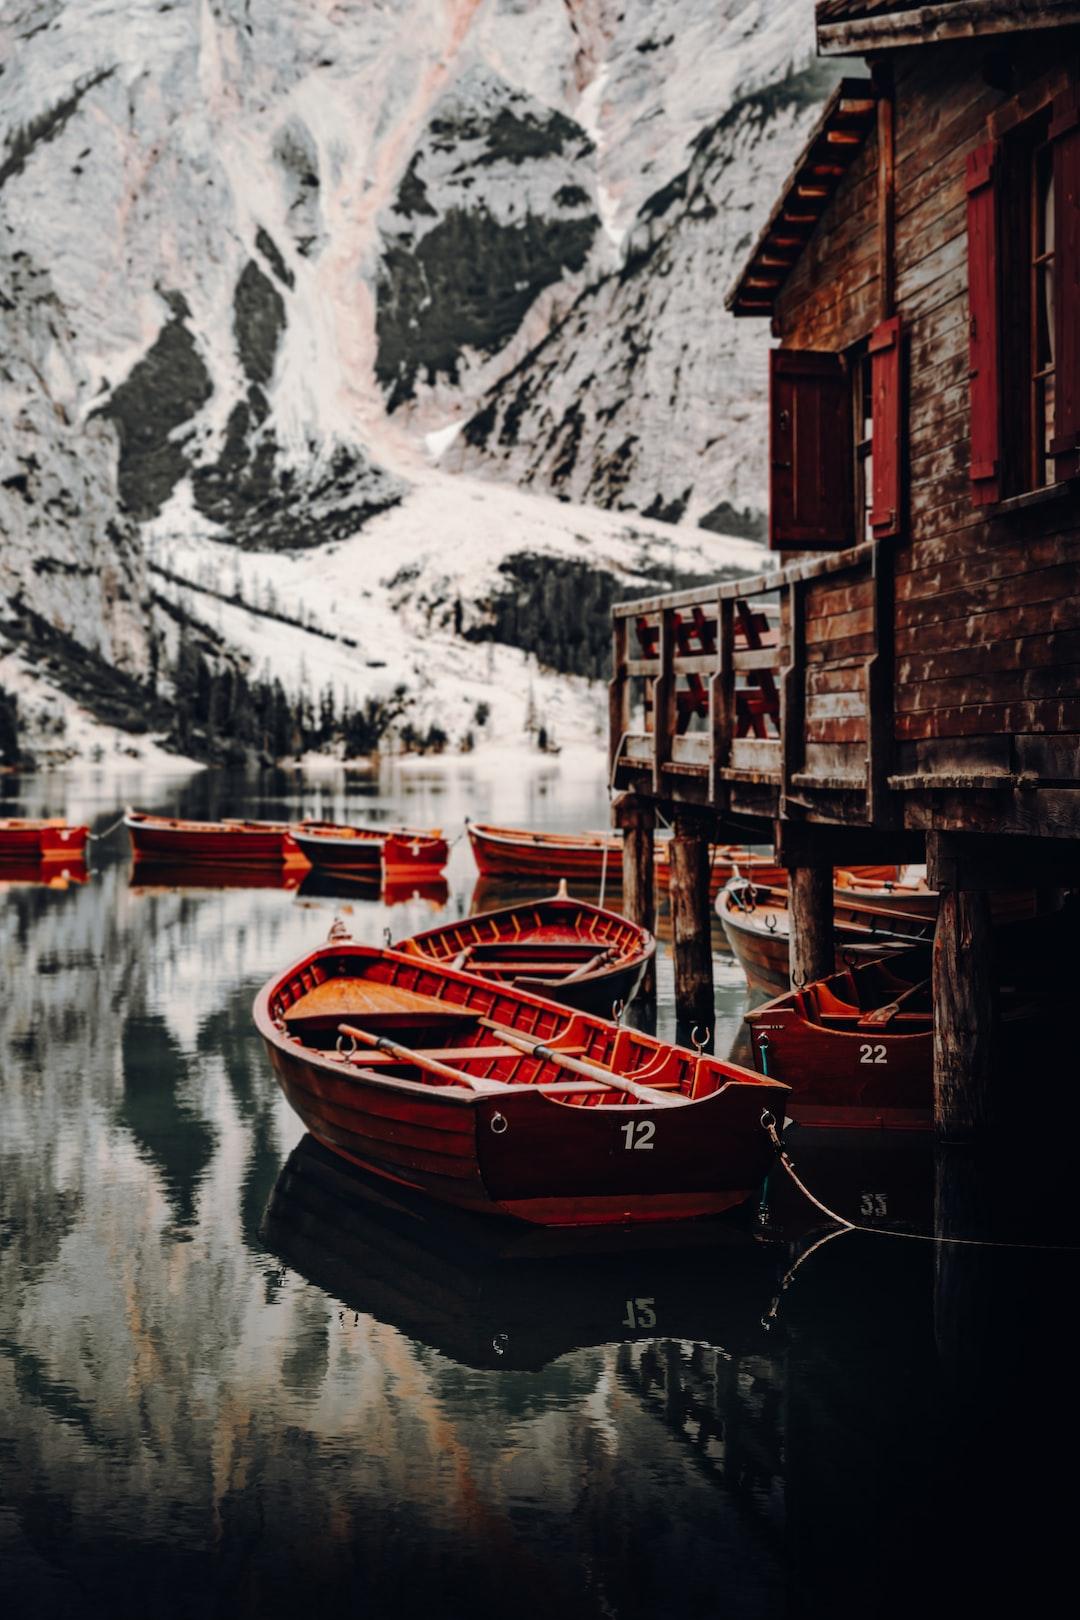 Boats of Lago die Braies #3